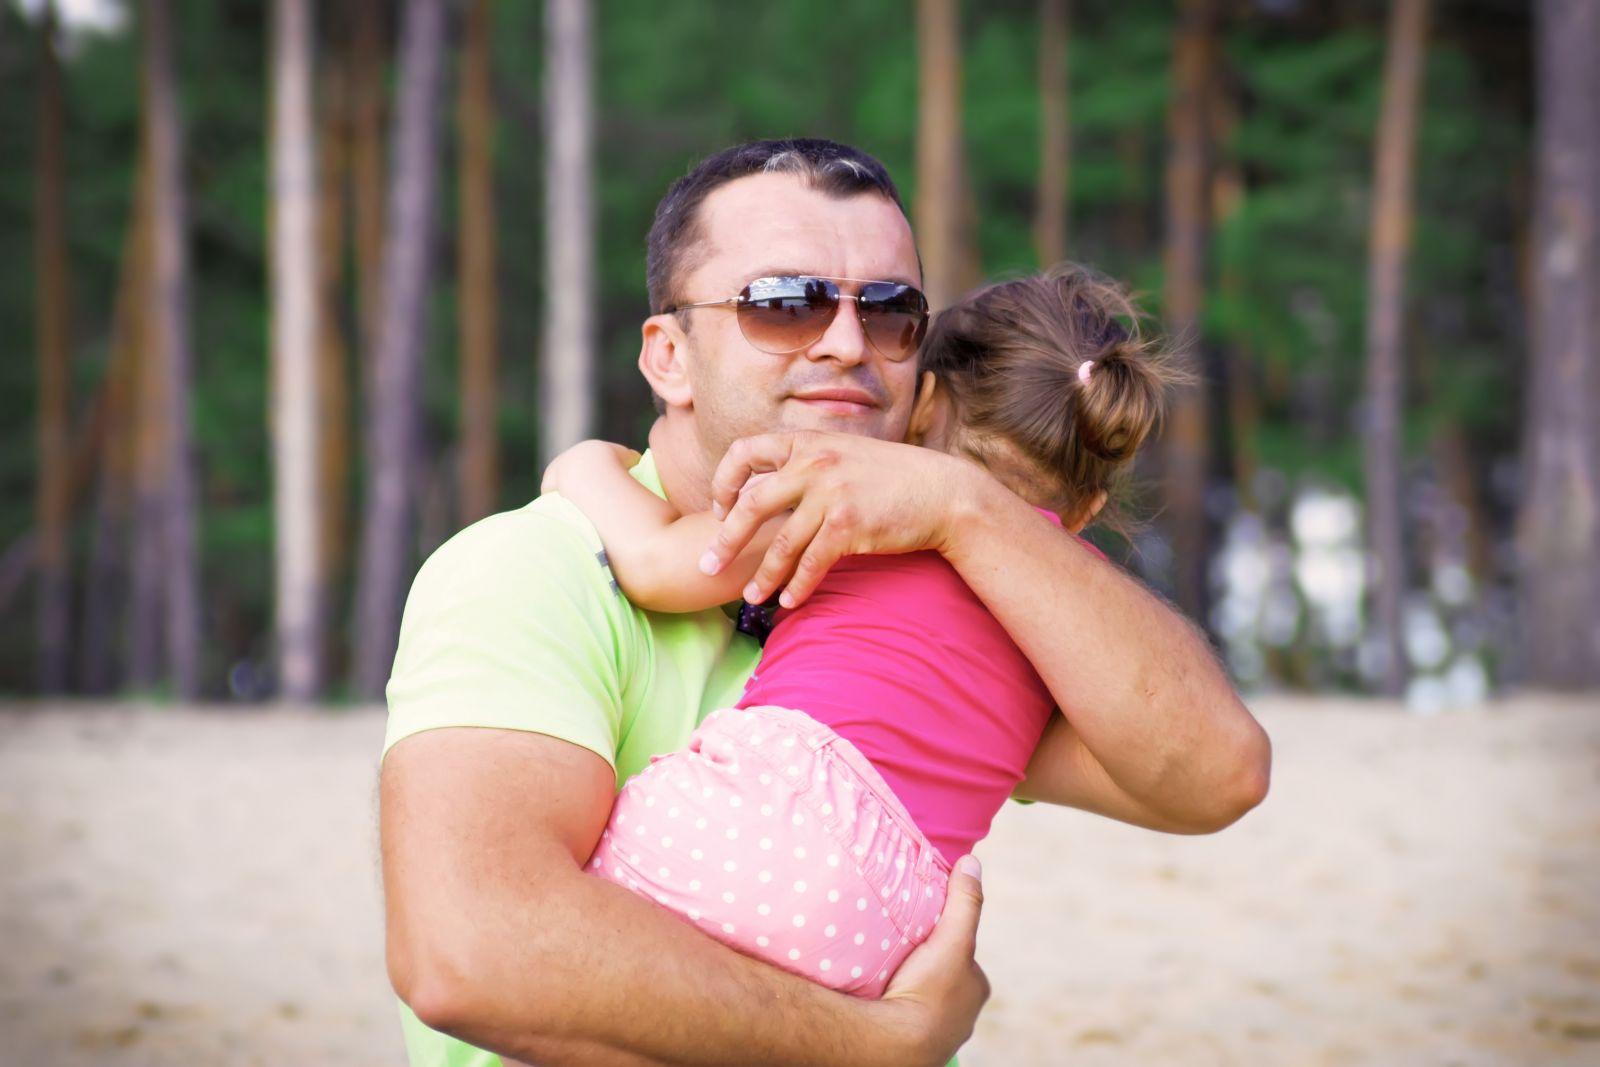 Смотреть как отец и дочка играют 4 фотография